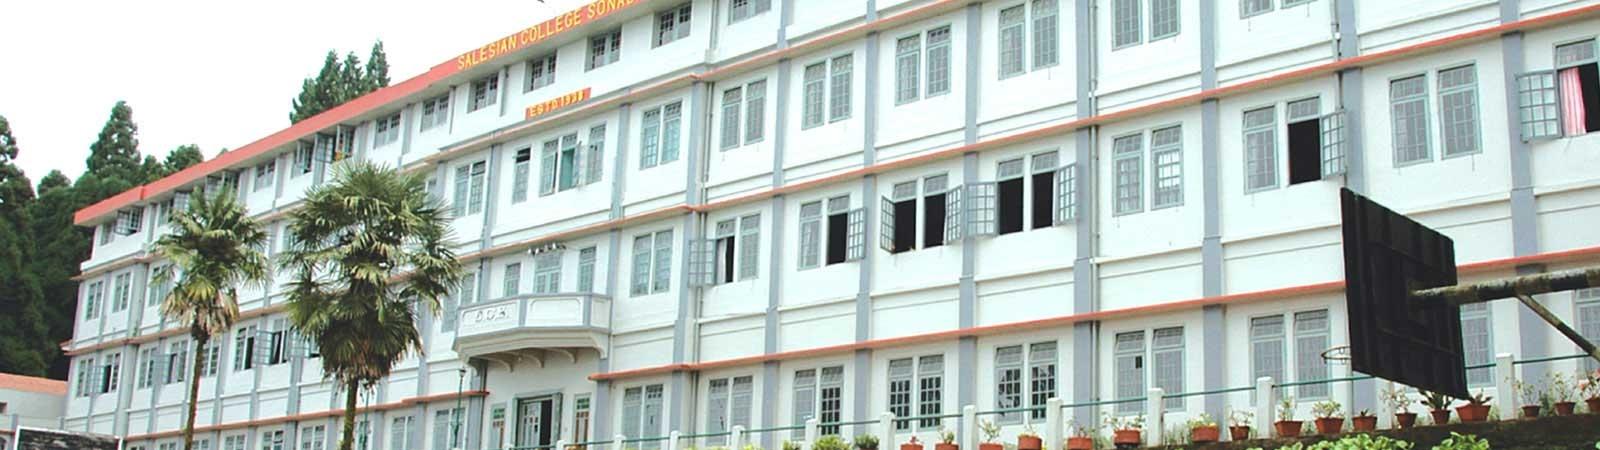 Salesian College (Siliguri Campus)